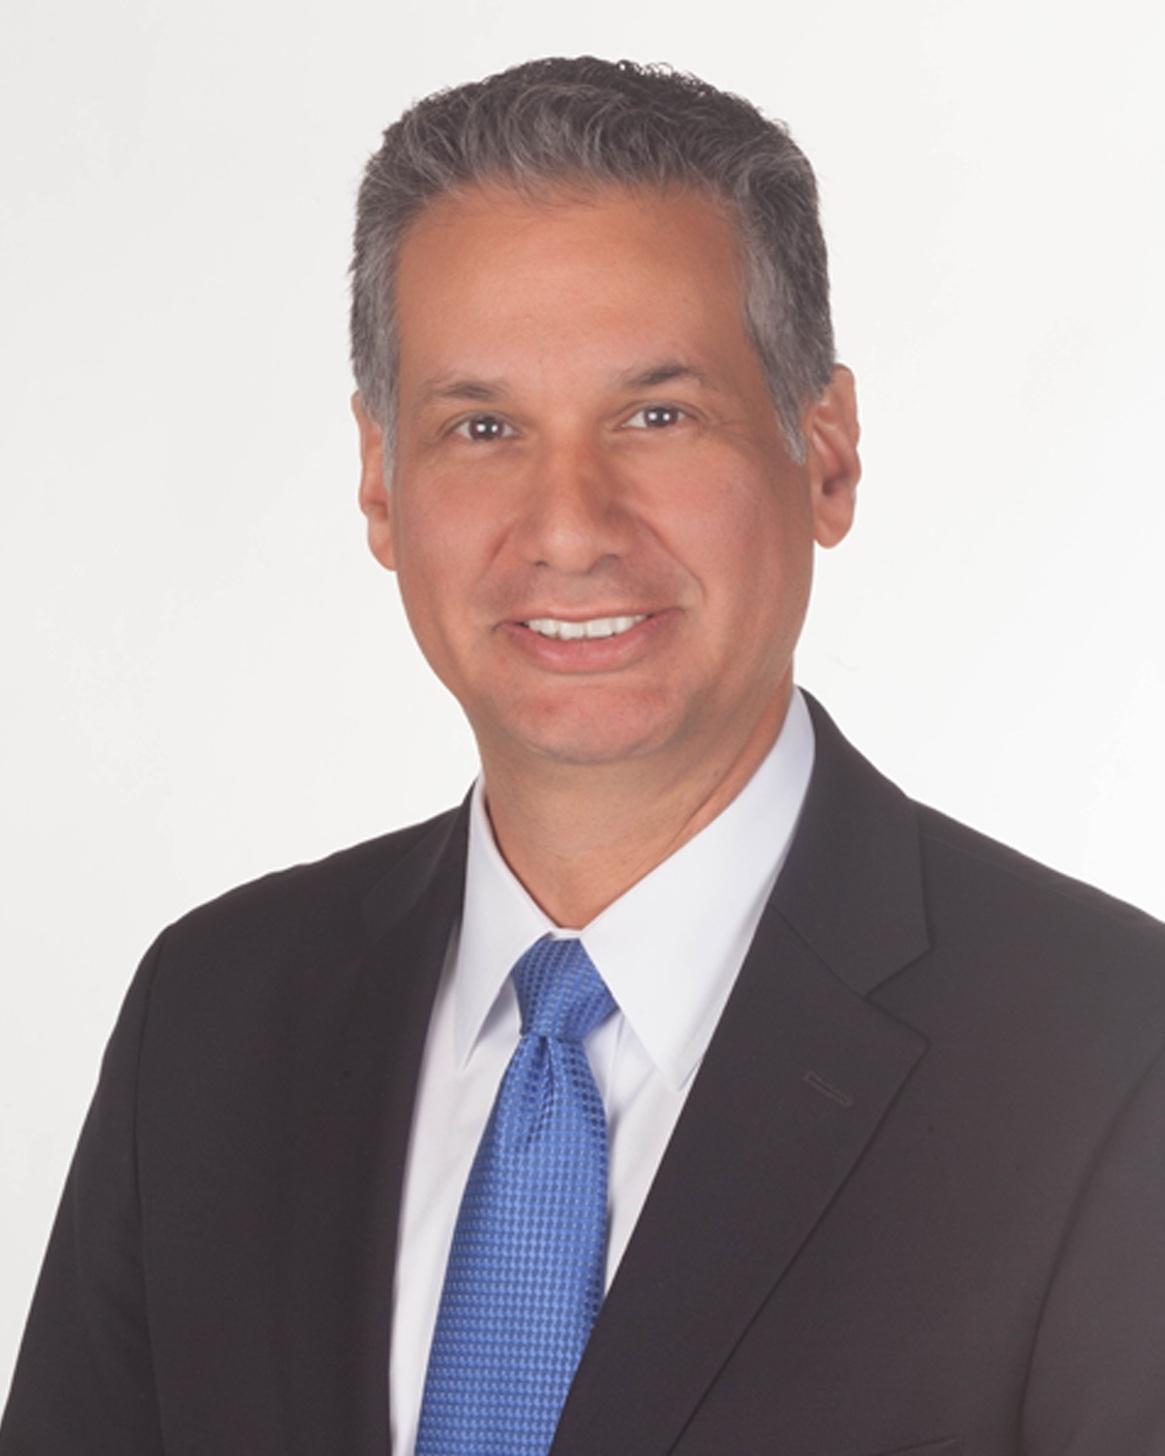 Lawrence Rusoff, CFA - Managing DirectorView Full Bio →